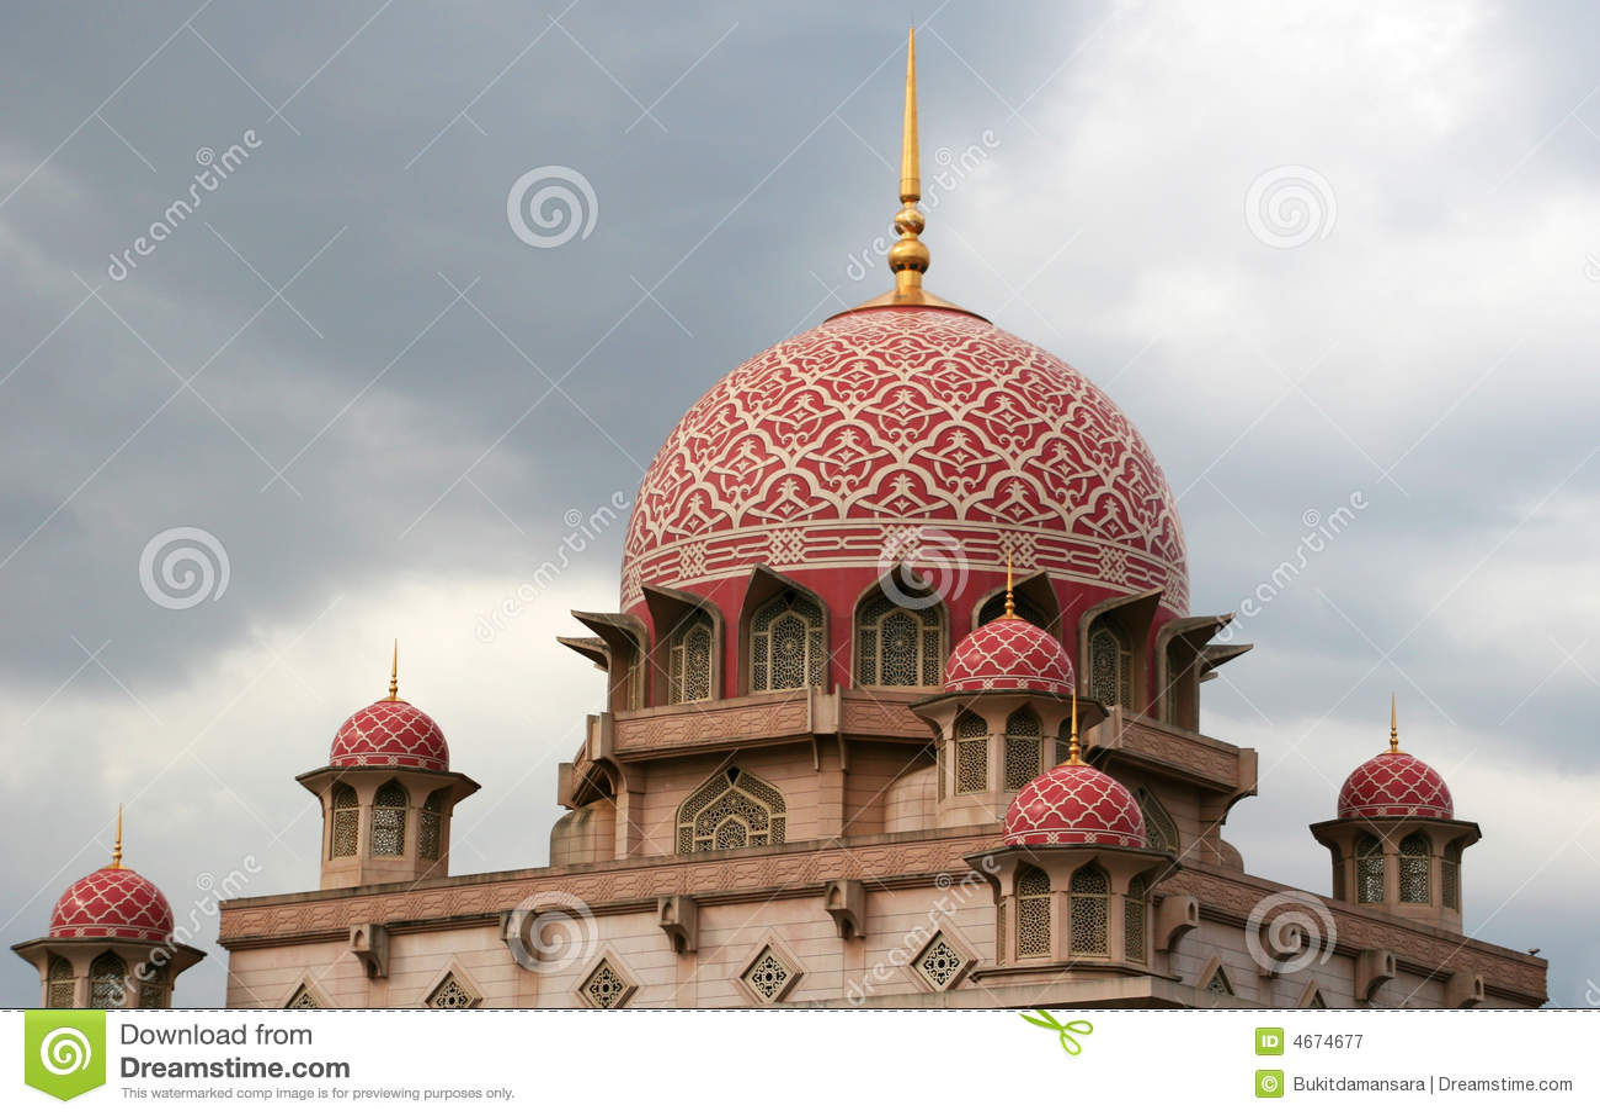 大厦穆斯林图片